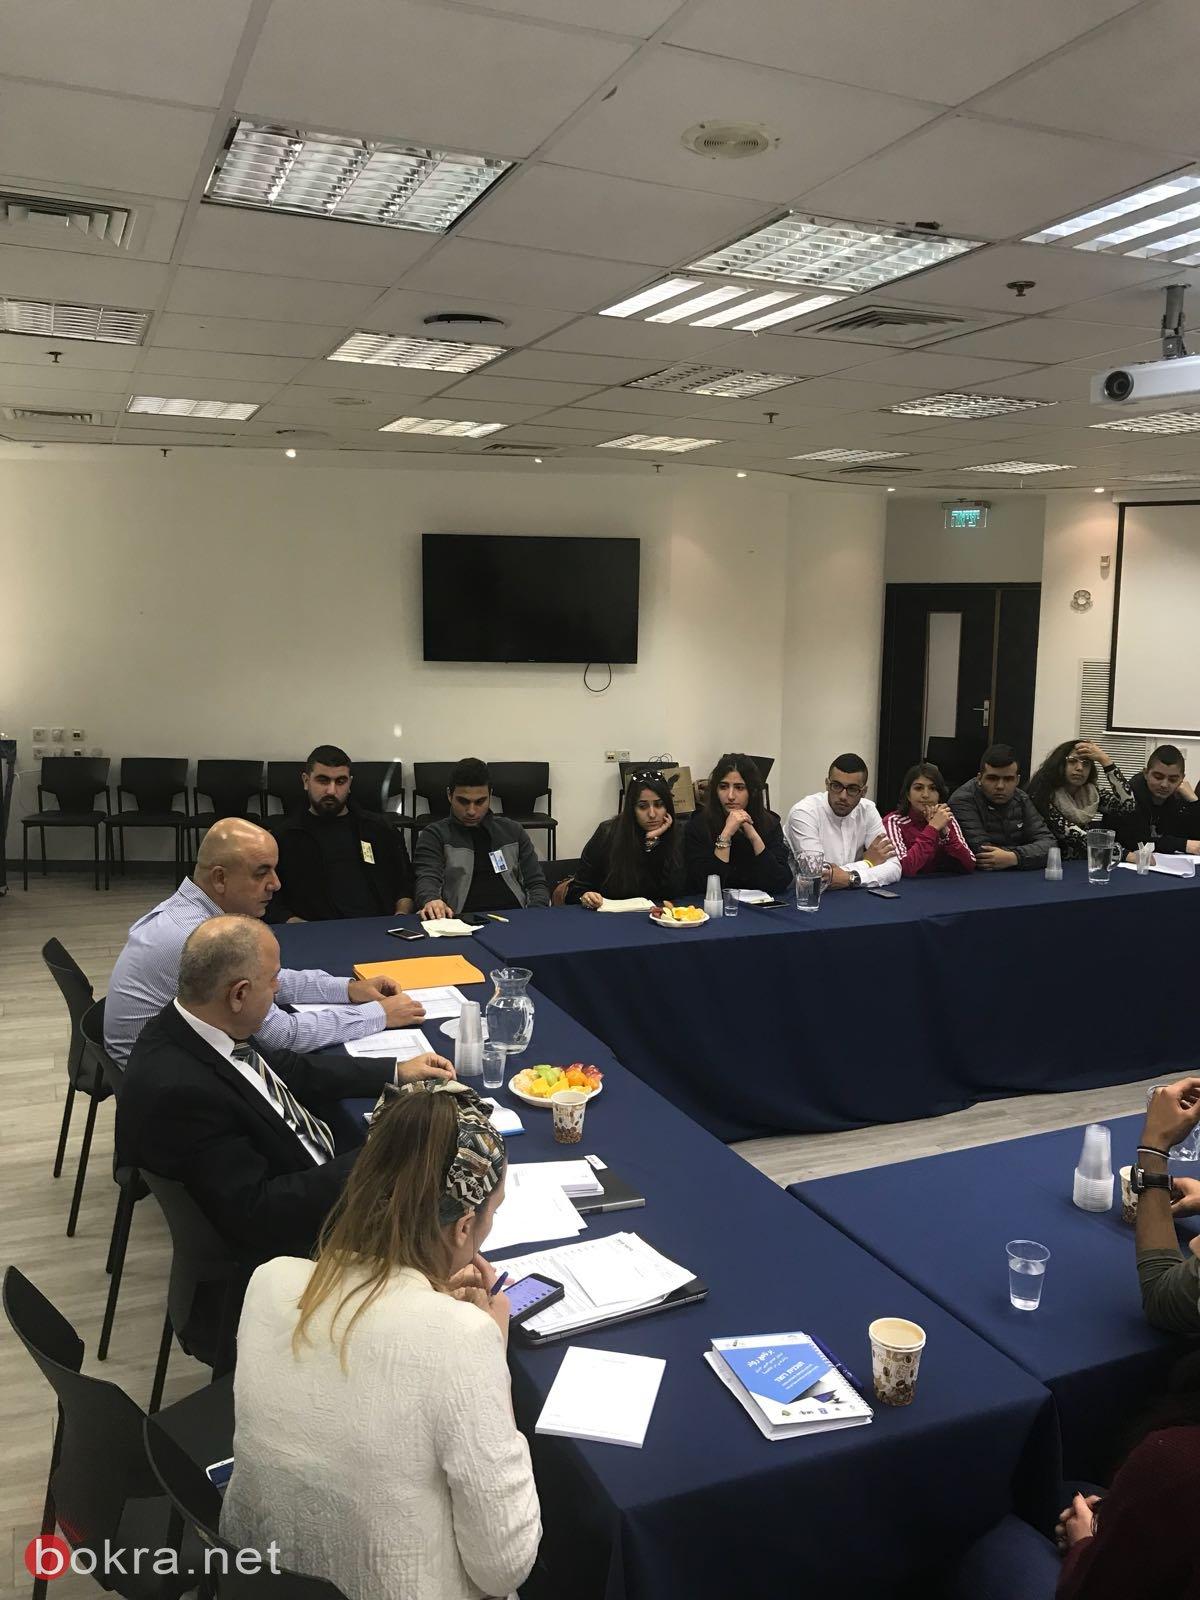 المدير العام لوزارة التّربية شموئيل أبواب يلتقي 30 طالبا ثانوّيّا من الوسط العربي .